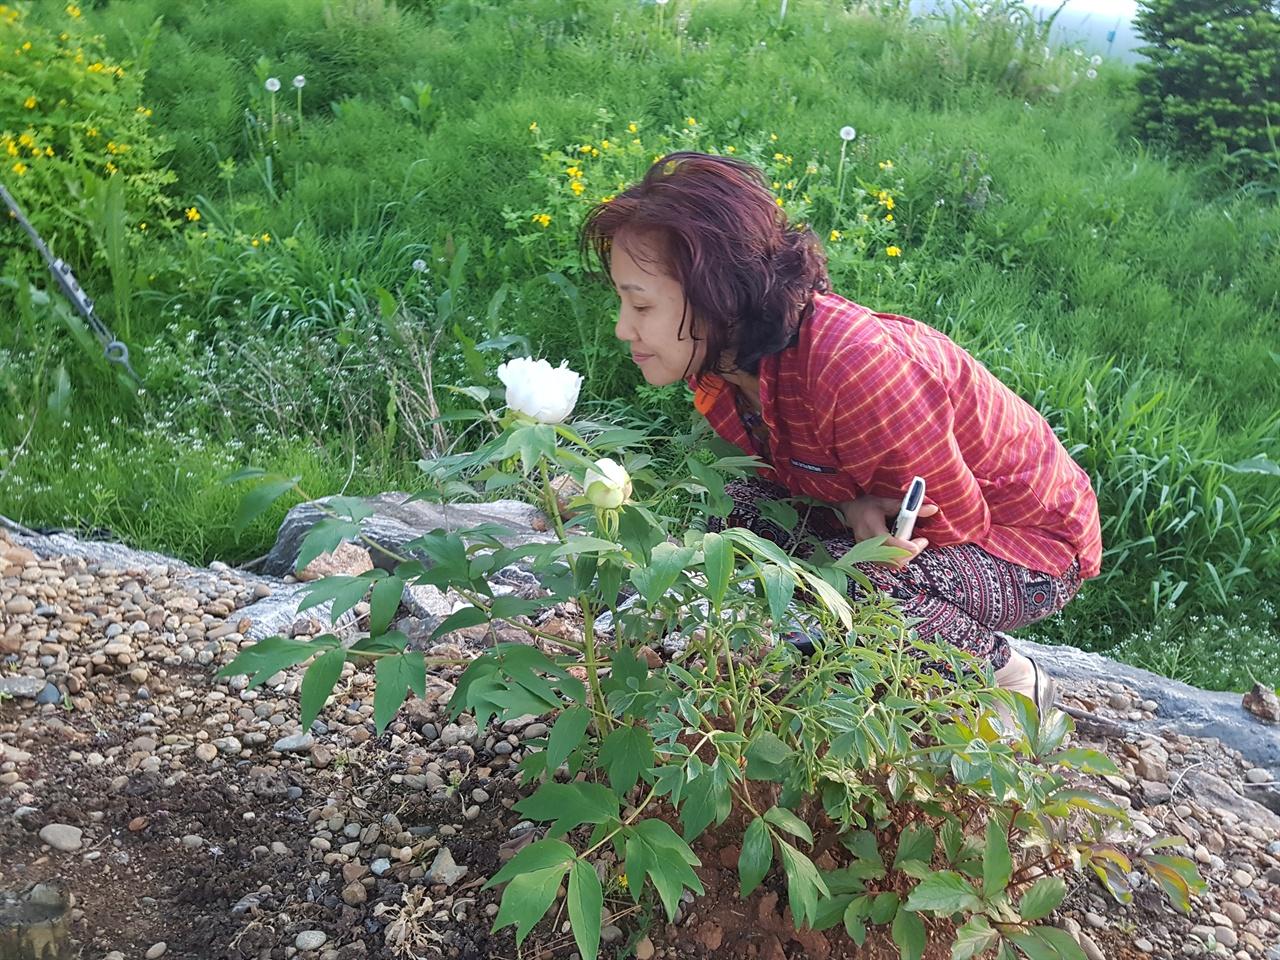 아내가 모란꽃 향기에 이끌려 코끝을 가까이...